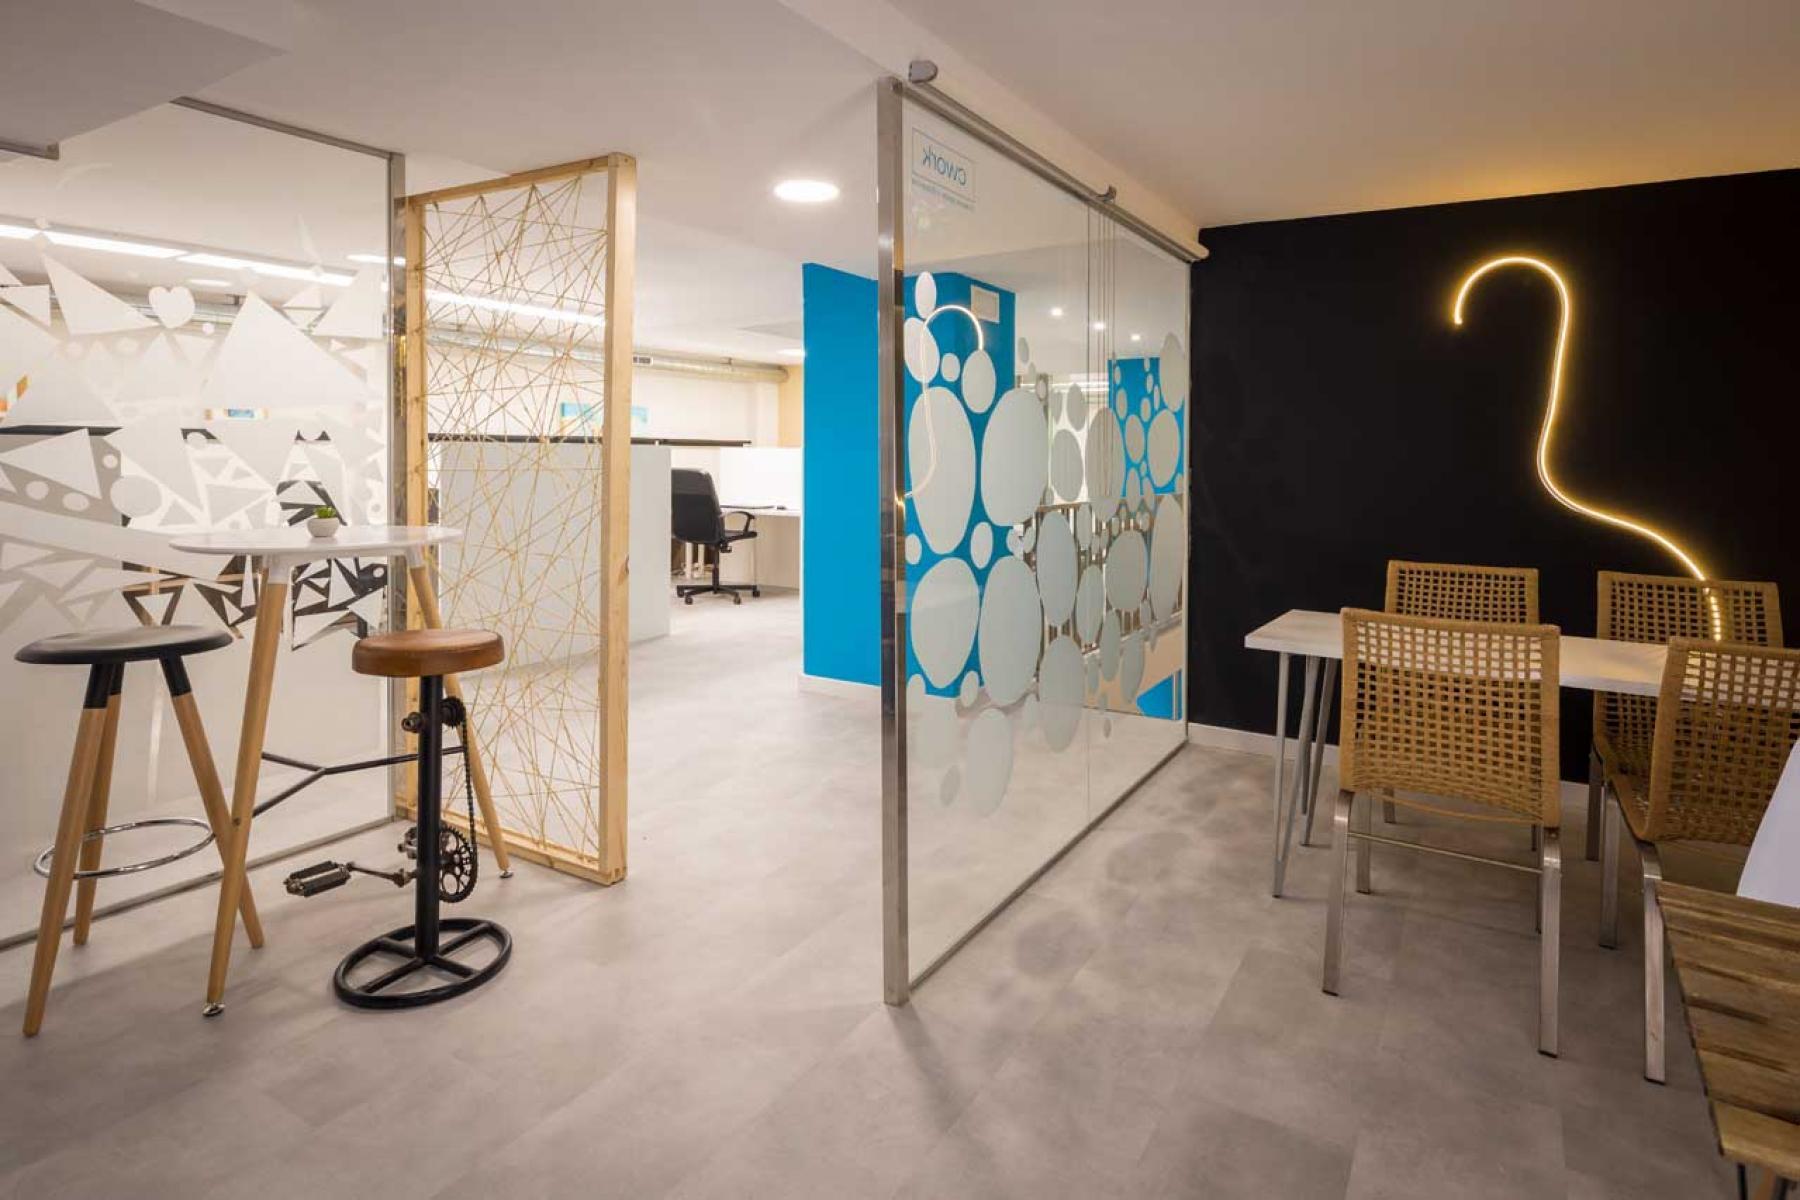 Alquilar oficinas Carrer Provença 555, Barcelona (4)